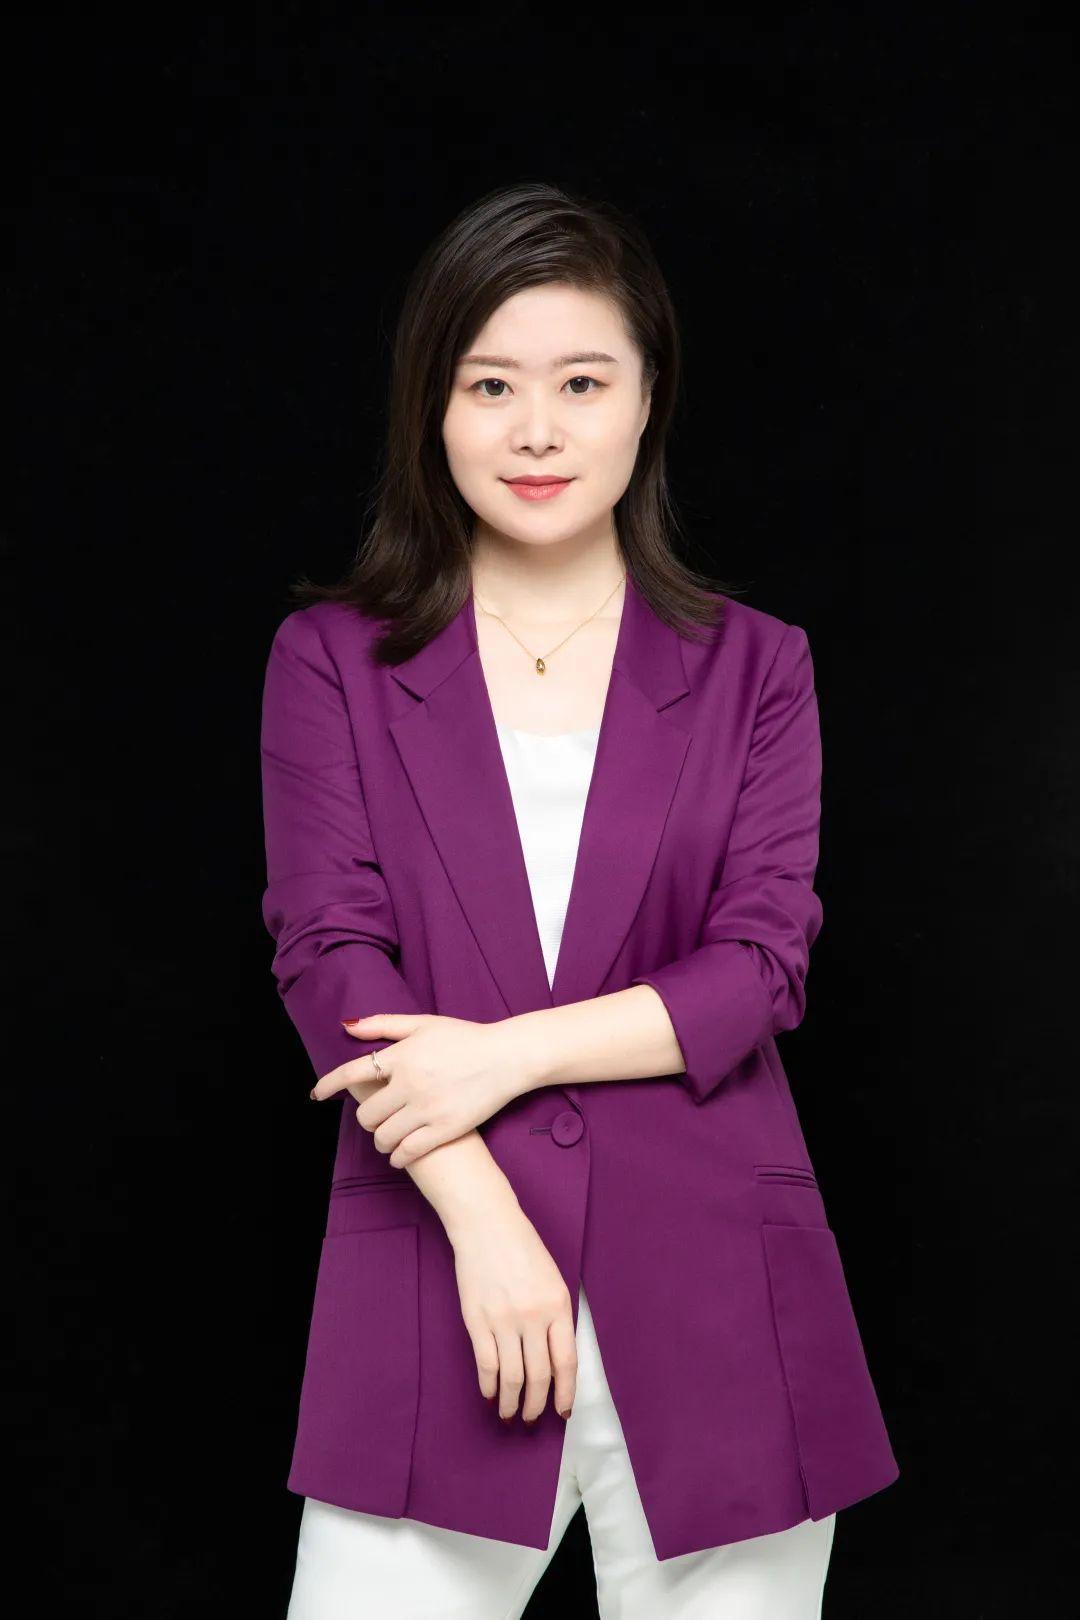 特邀嘉宾:刘珊 深圳万科 室内设计总监